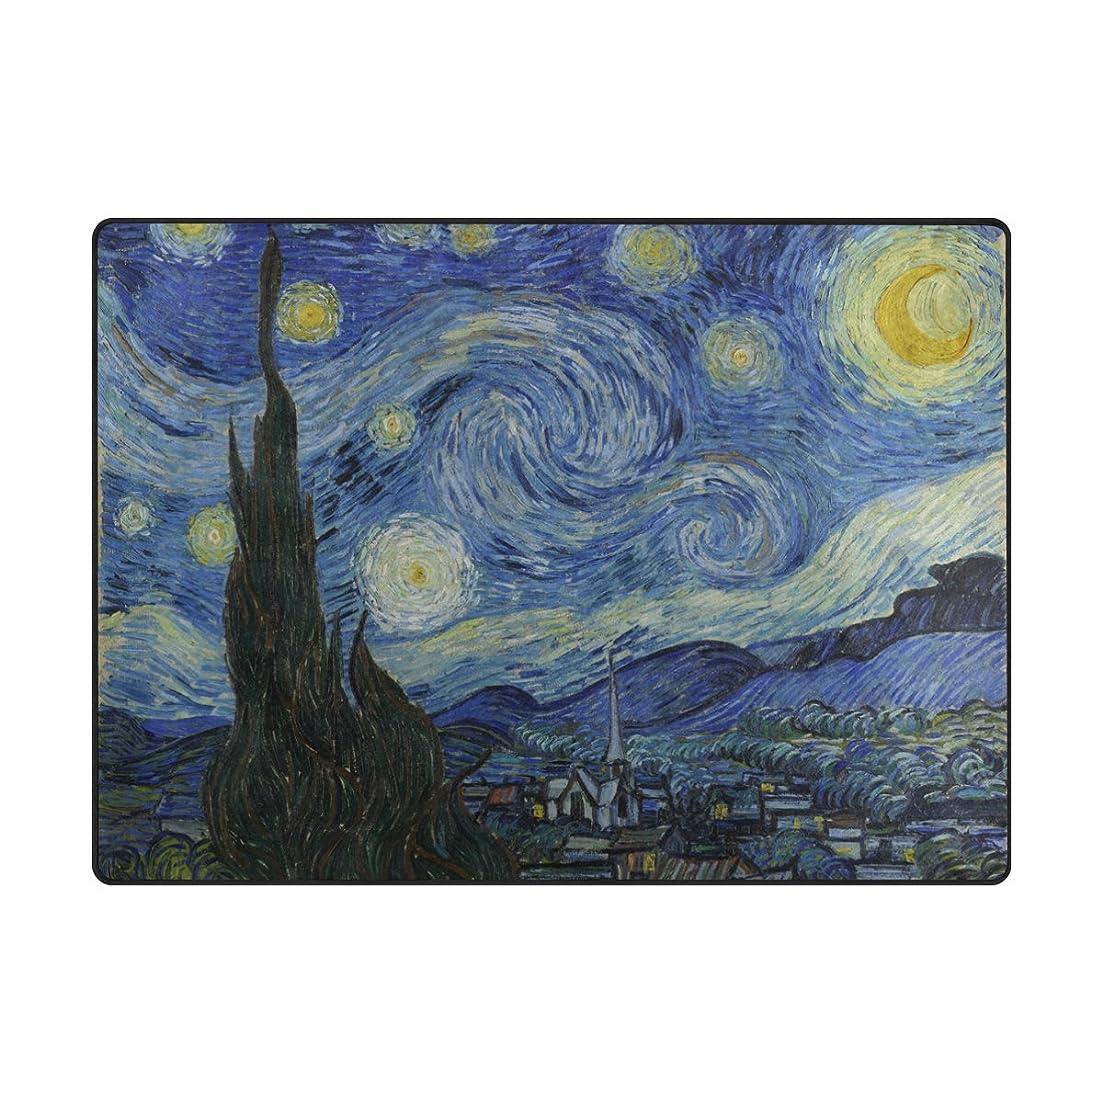 サーバ信条ゲームGORIRA(ゴリラ) ゴッホ 世界名画 The Starry Night 心地よいサラふわ触感 ラグ カーペット 丸洗い 折り畳み可能 滑り止め付き 抗菌防臭 軽量 絨毯 ホットカーペット対応 約203x147cm